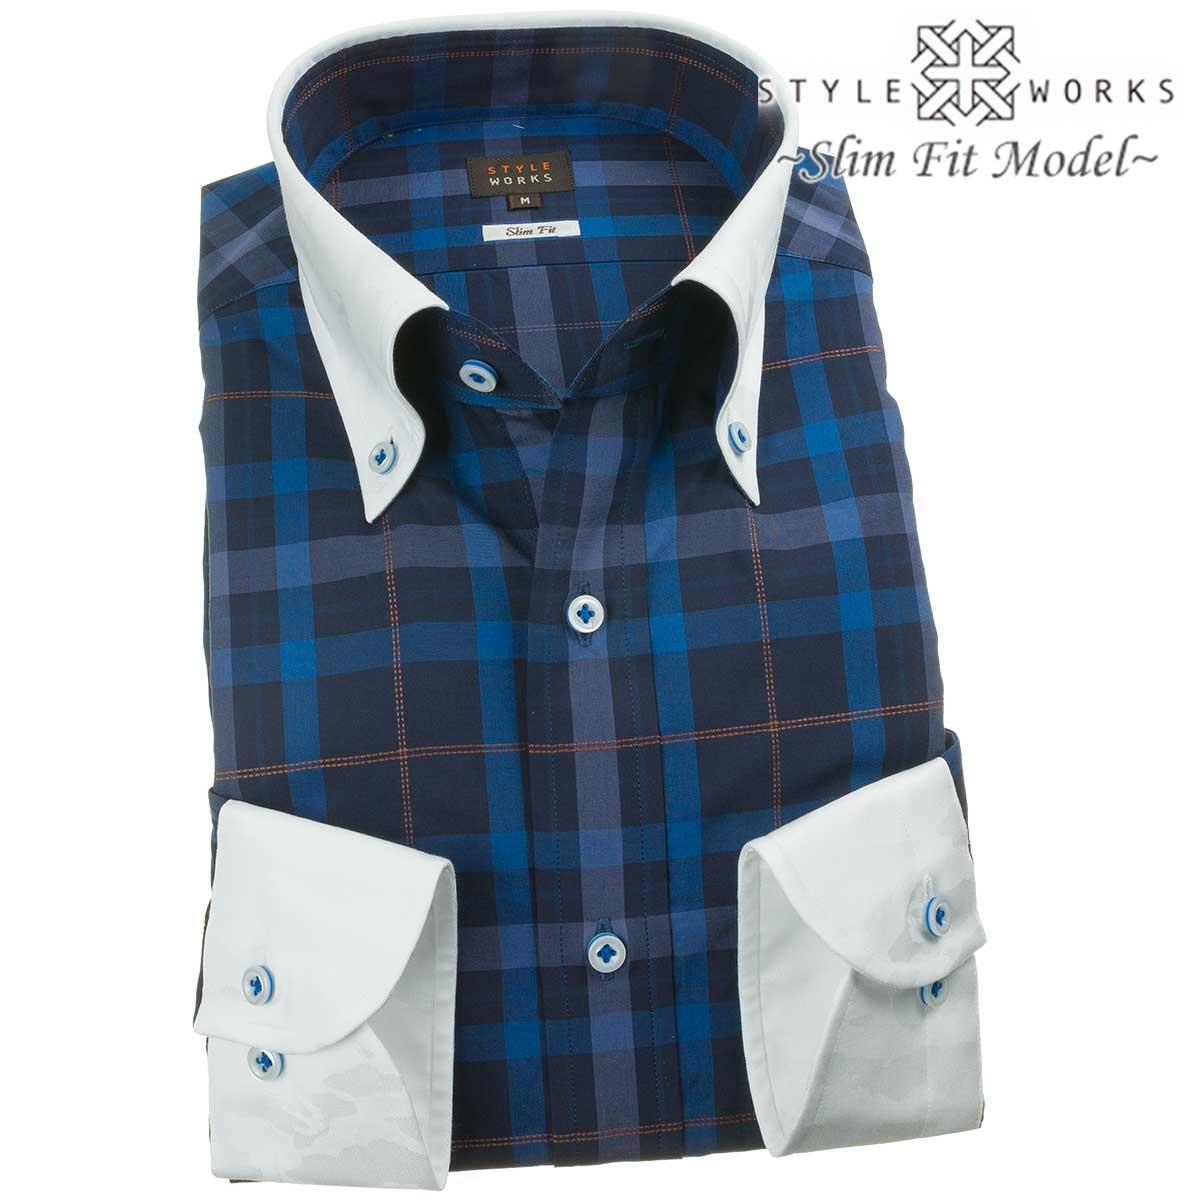 ドレスシャツ ワイシャツ シャツ メンズ 国産 長袖 純綿100% スリムフィット クレリックボタンダウン ネイビーブロックチェック ブラウン刺し子チェック 1907 fs3gm